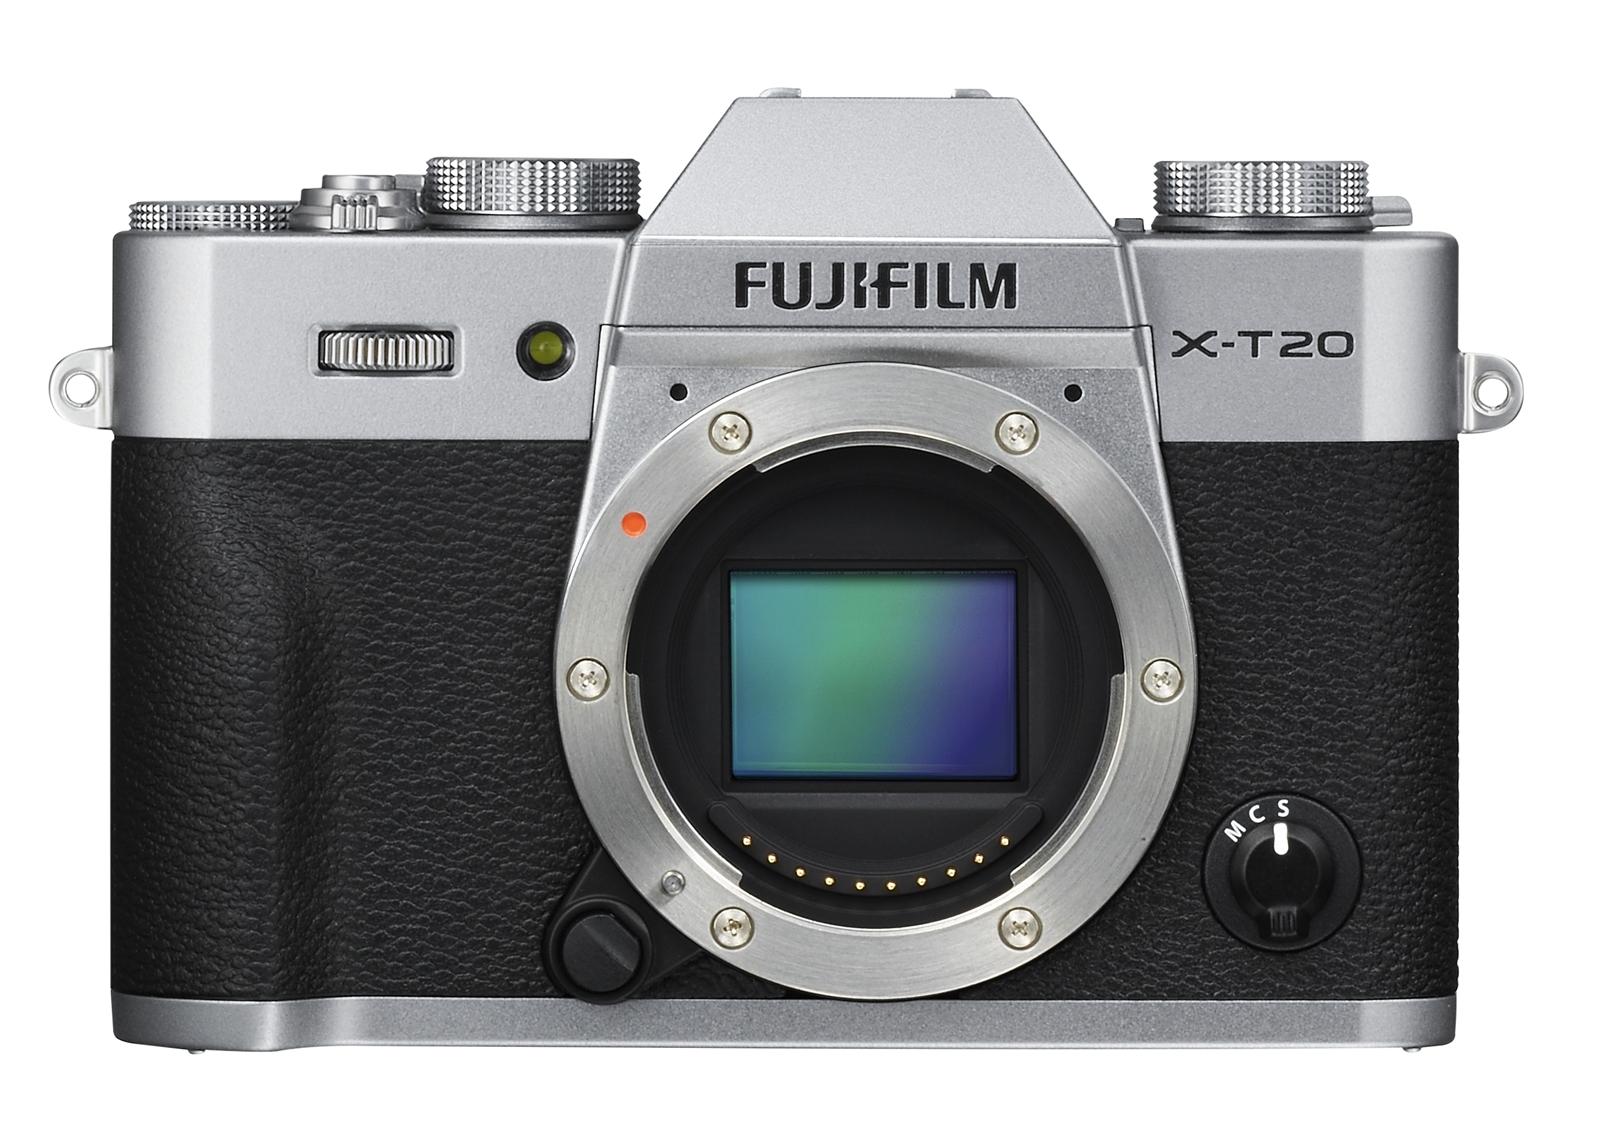 camera, fujifilm, mirrorless camera, X series, x-t20